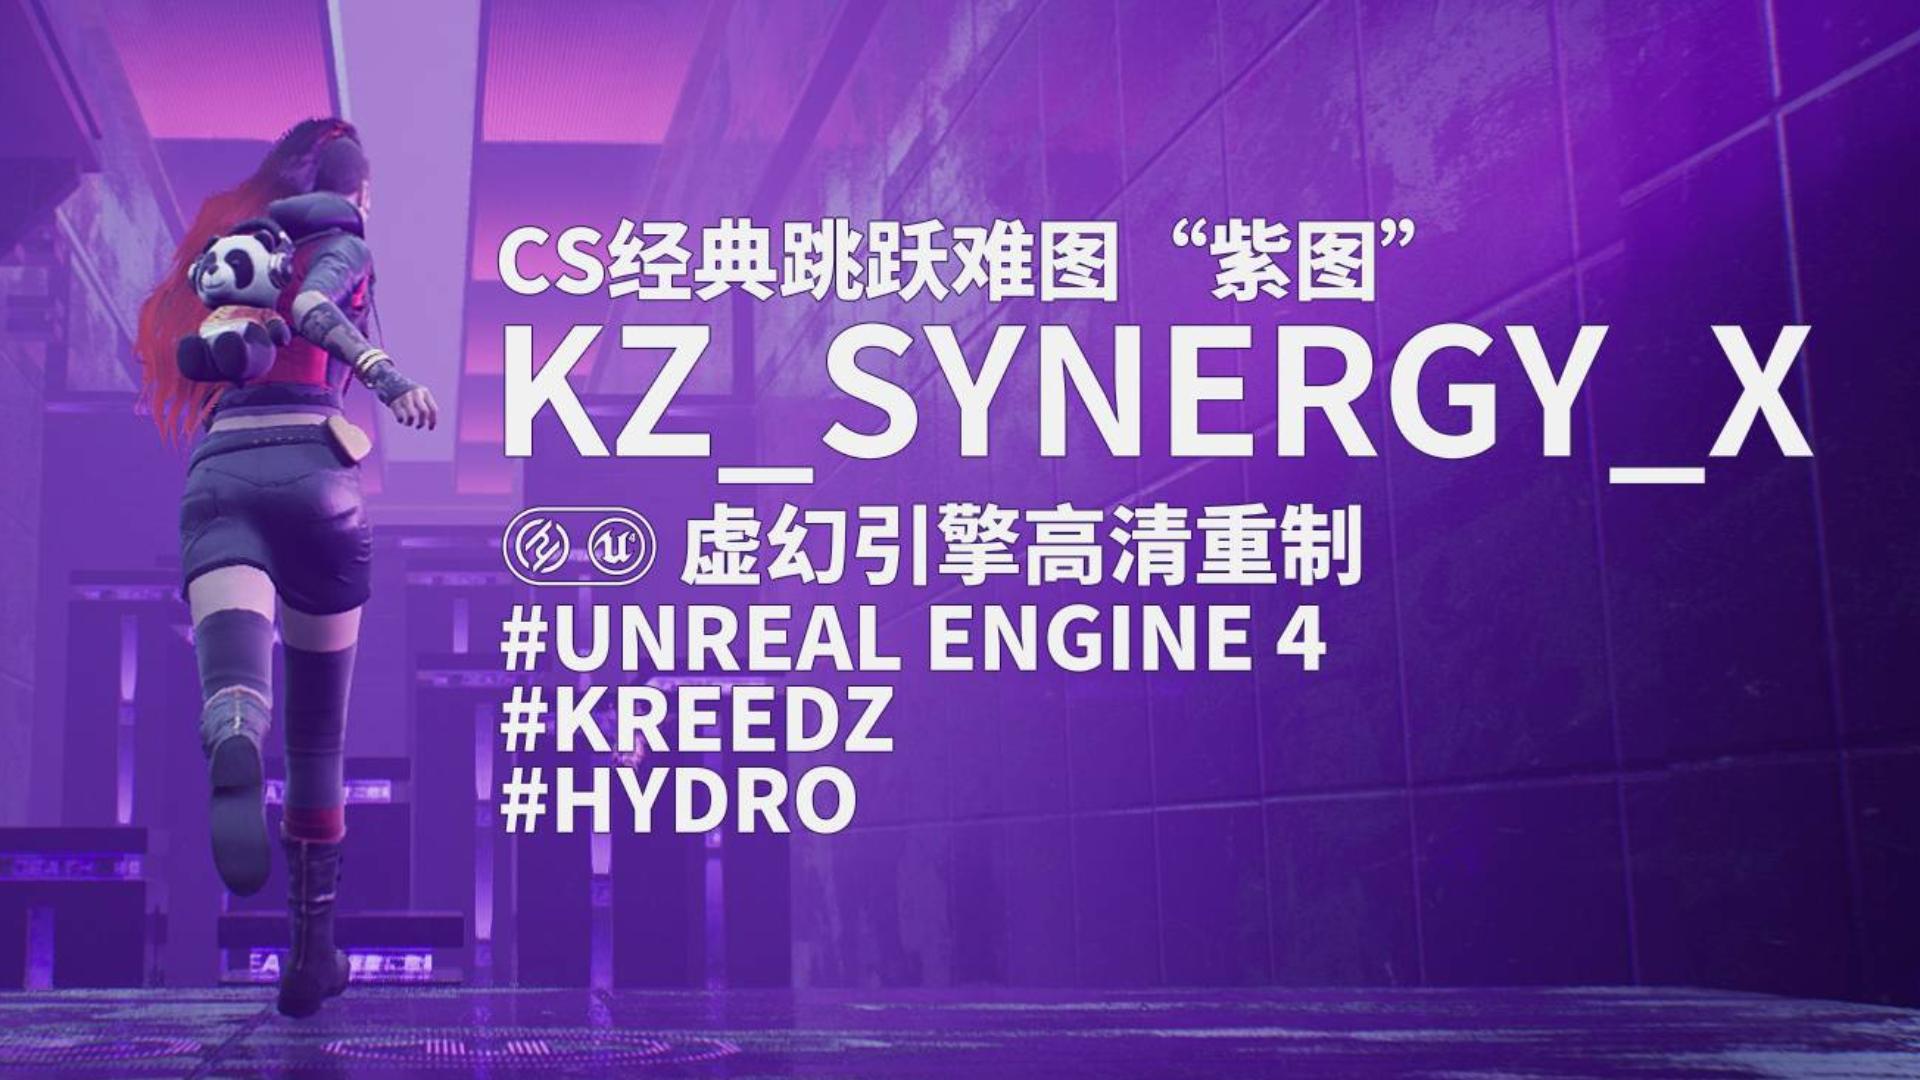 CS经典跳跃难图 紫图 虚幻引擎重制!这便是我眼中的赛博朋克!